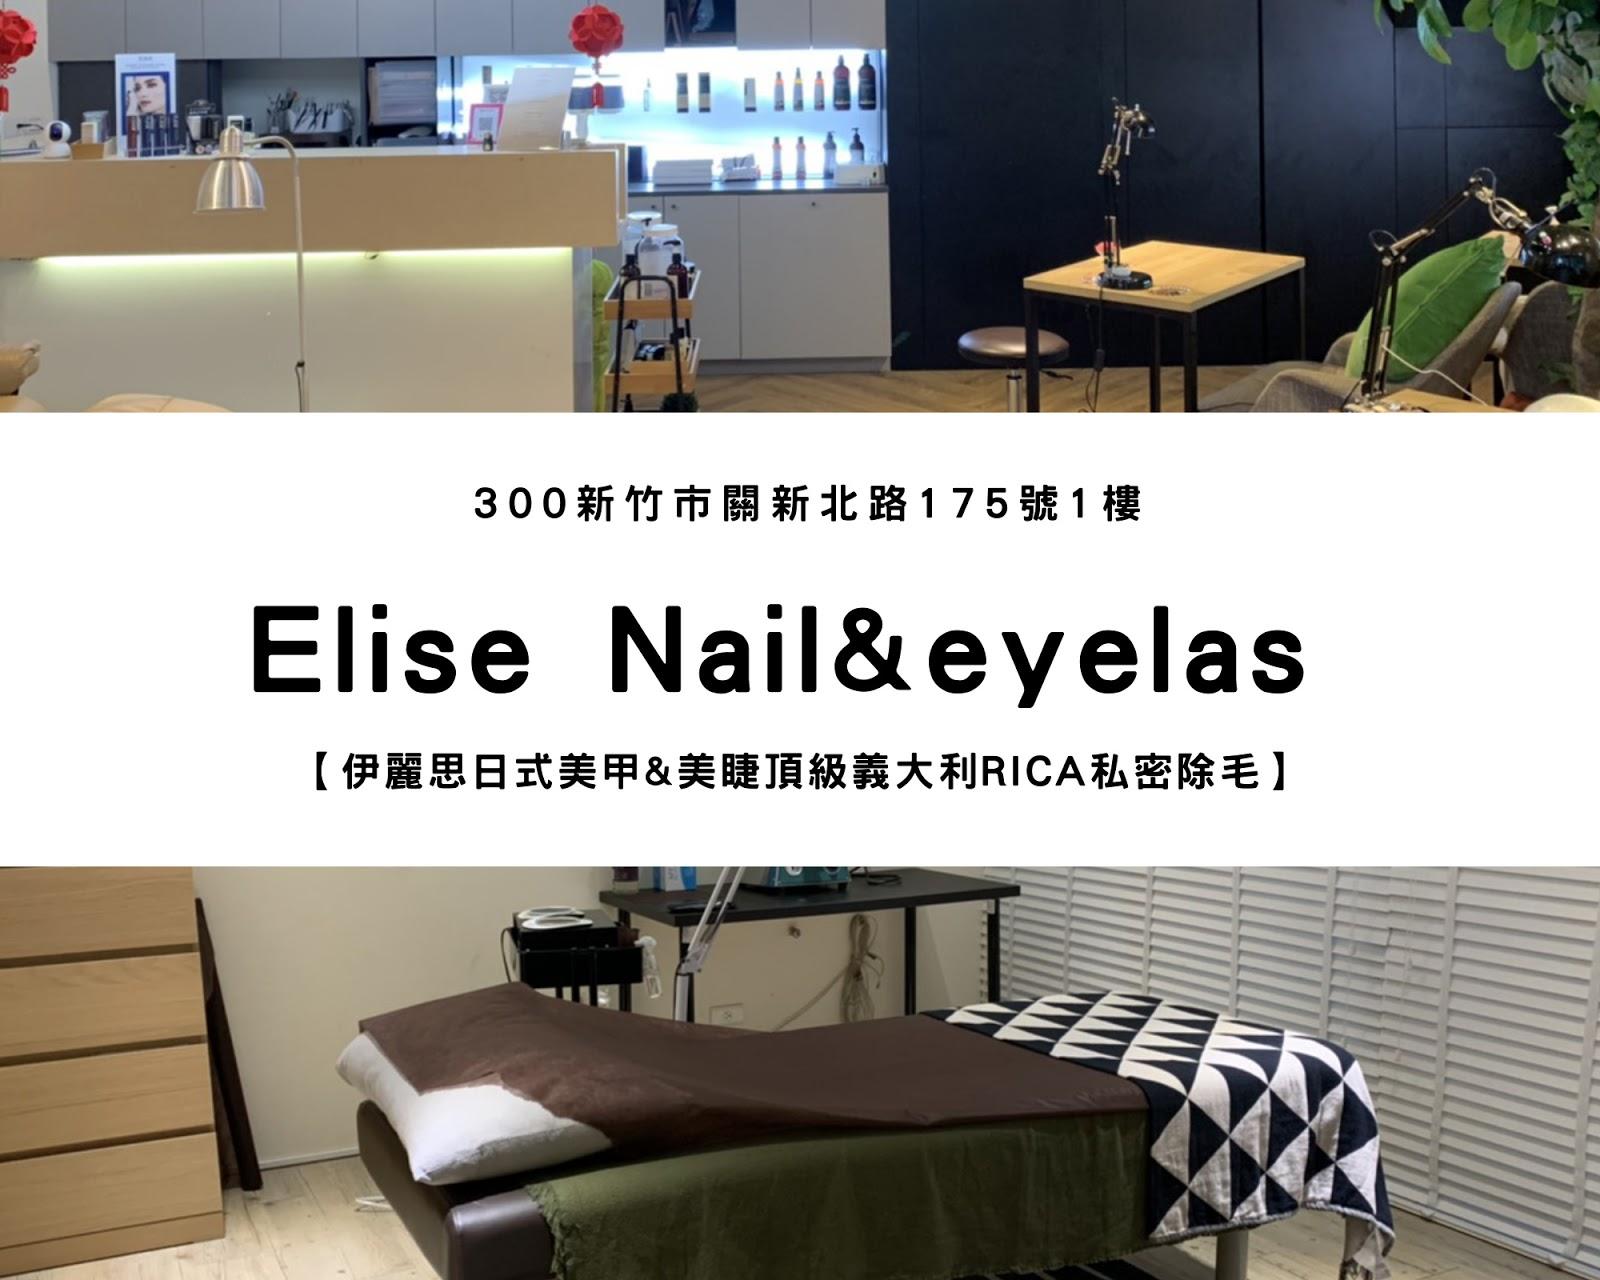 【新竹熱蠟除毛】 Elise Nail&eyelash 伊麗思日式美甲&美睫 |頂級義大利RICA私密除毛